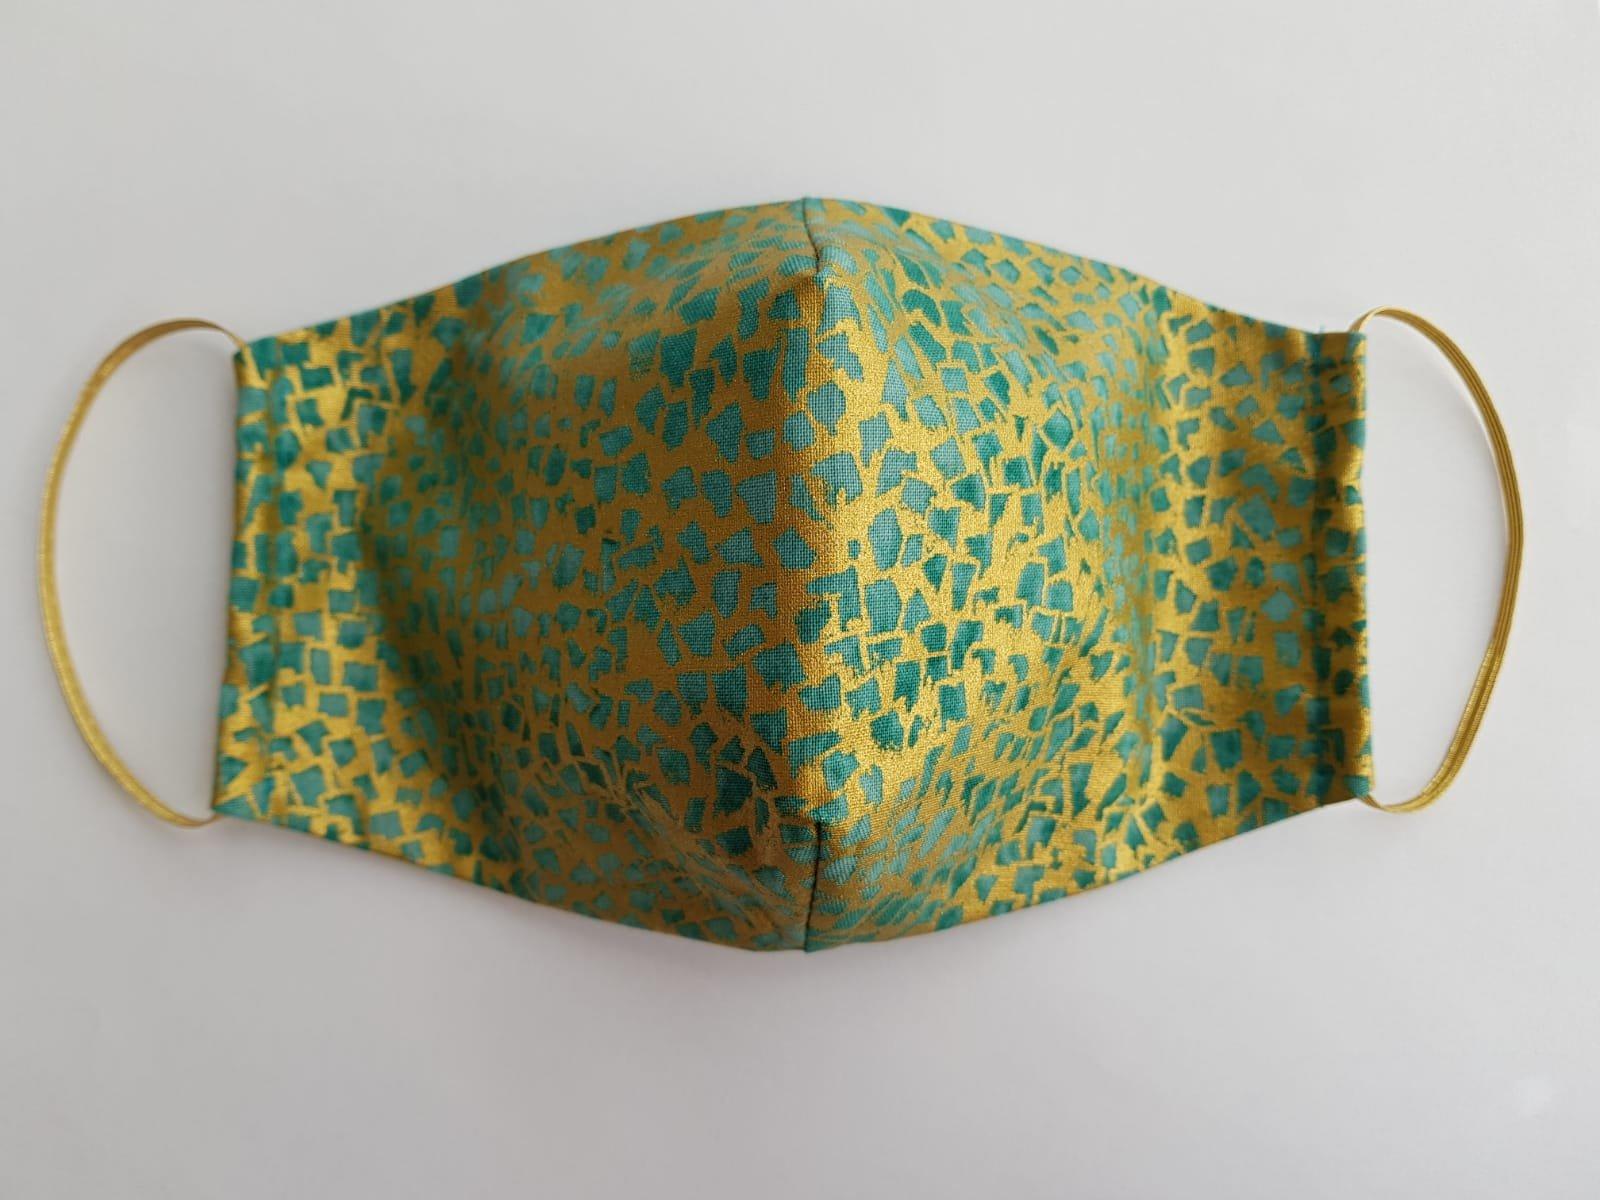 Bavlnené rúško Gustav Klimt zelené